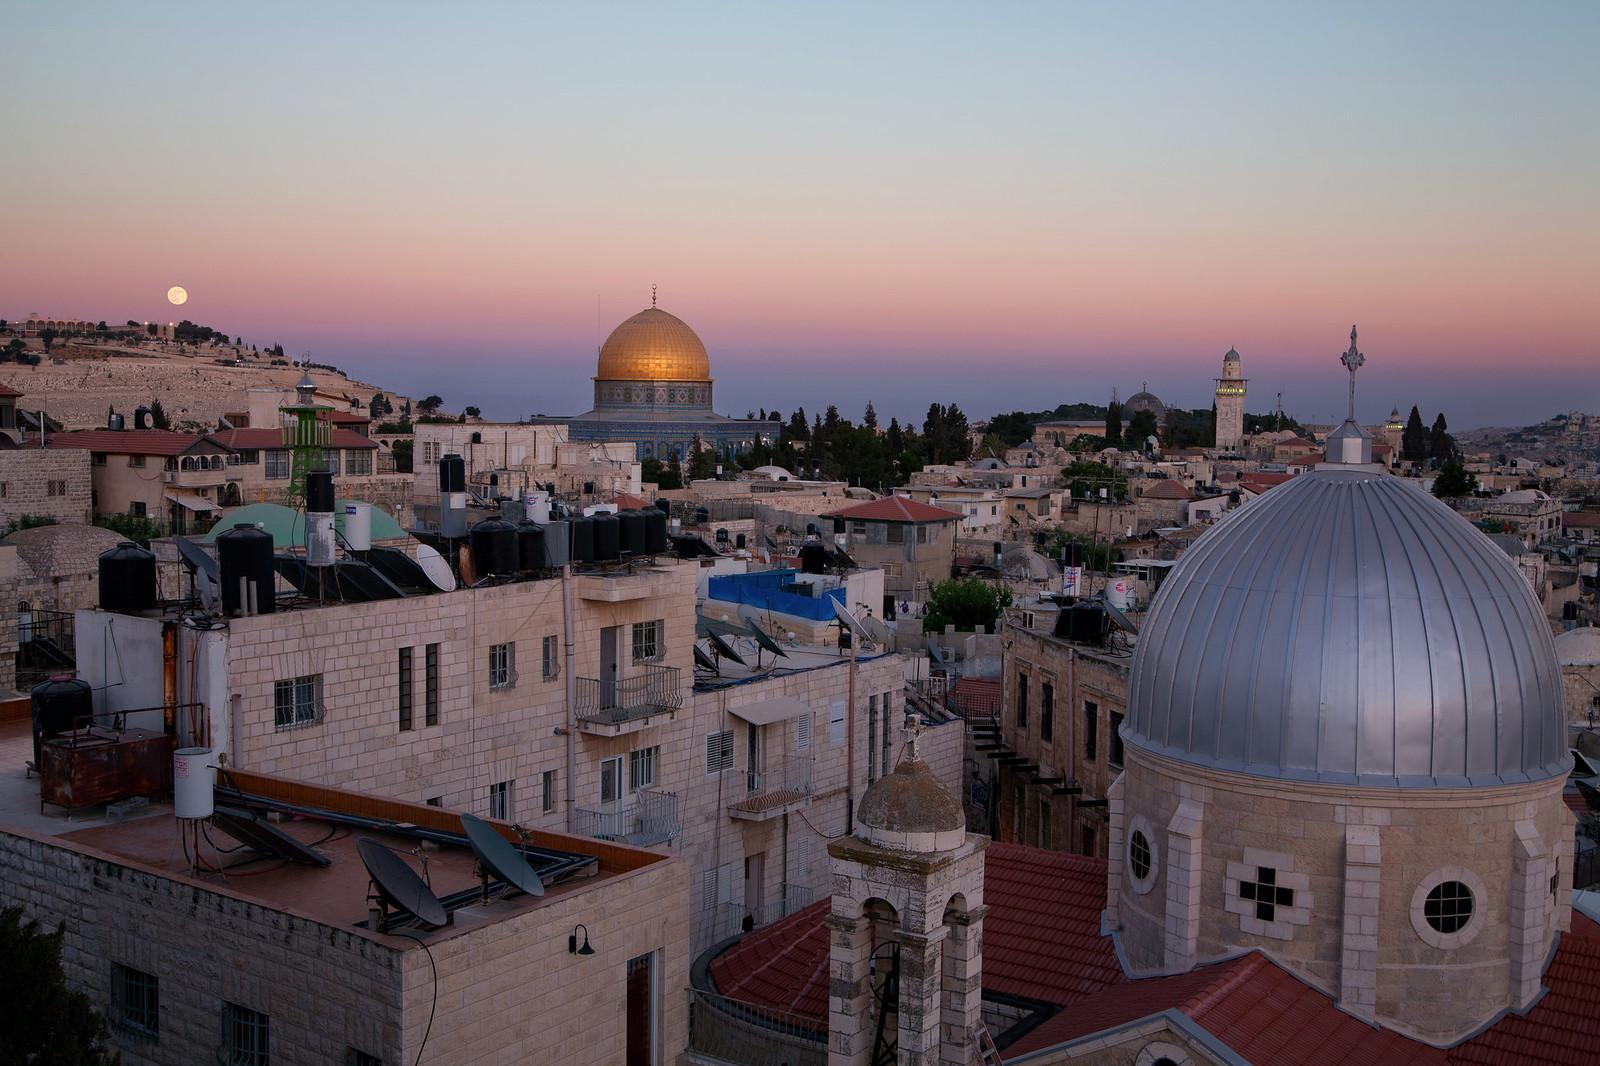 Jerusalem_Old City Panorama_3_Noam Chen_IMOT